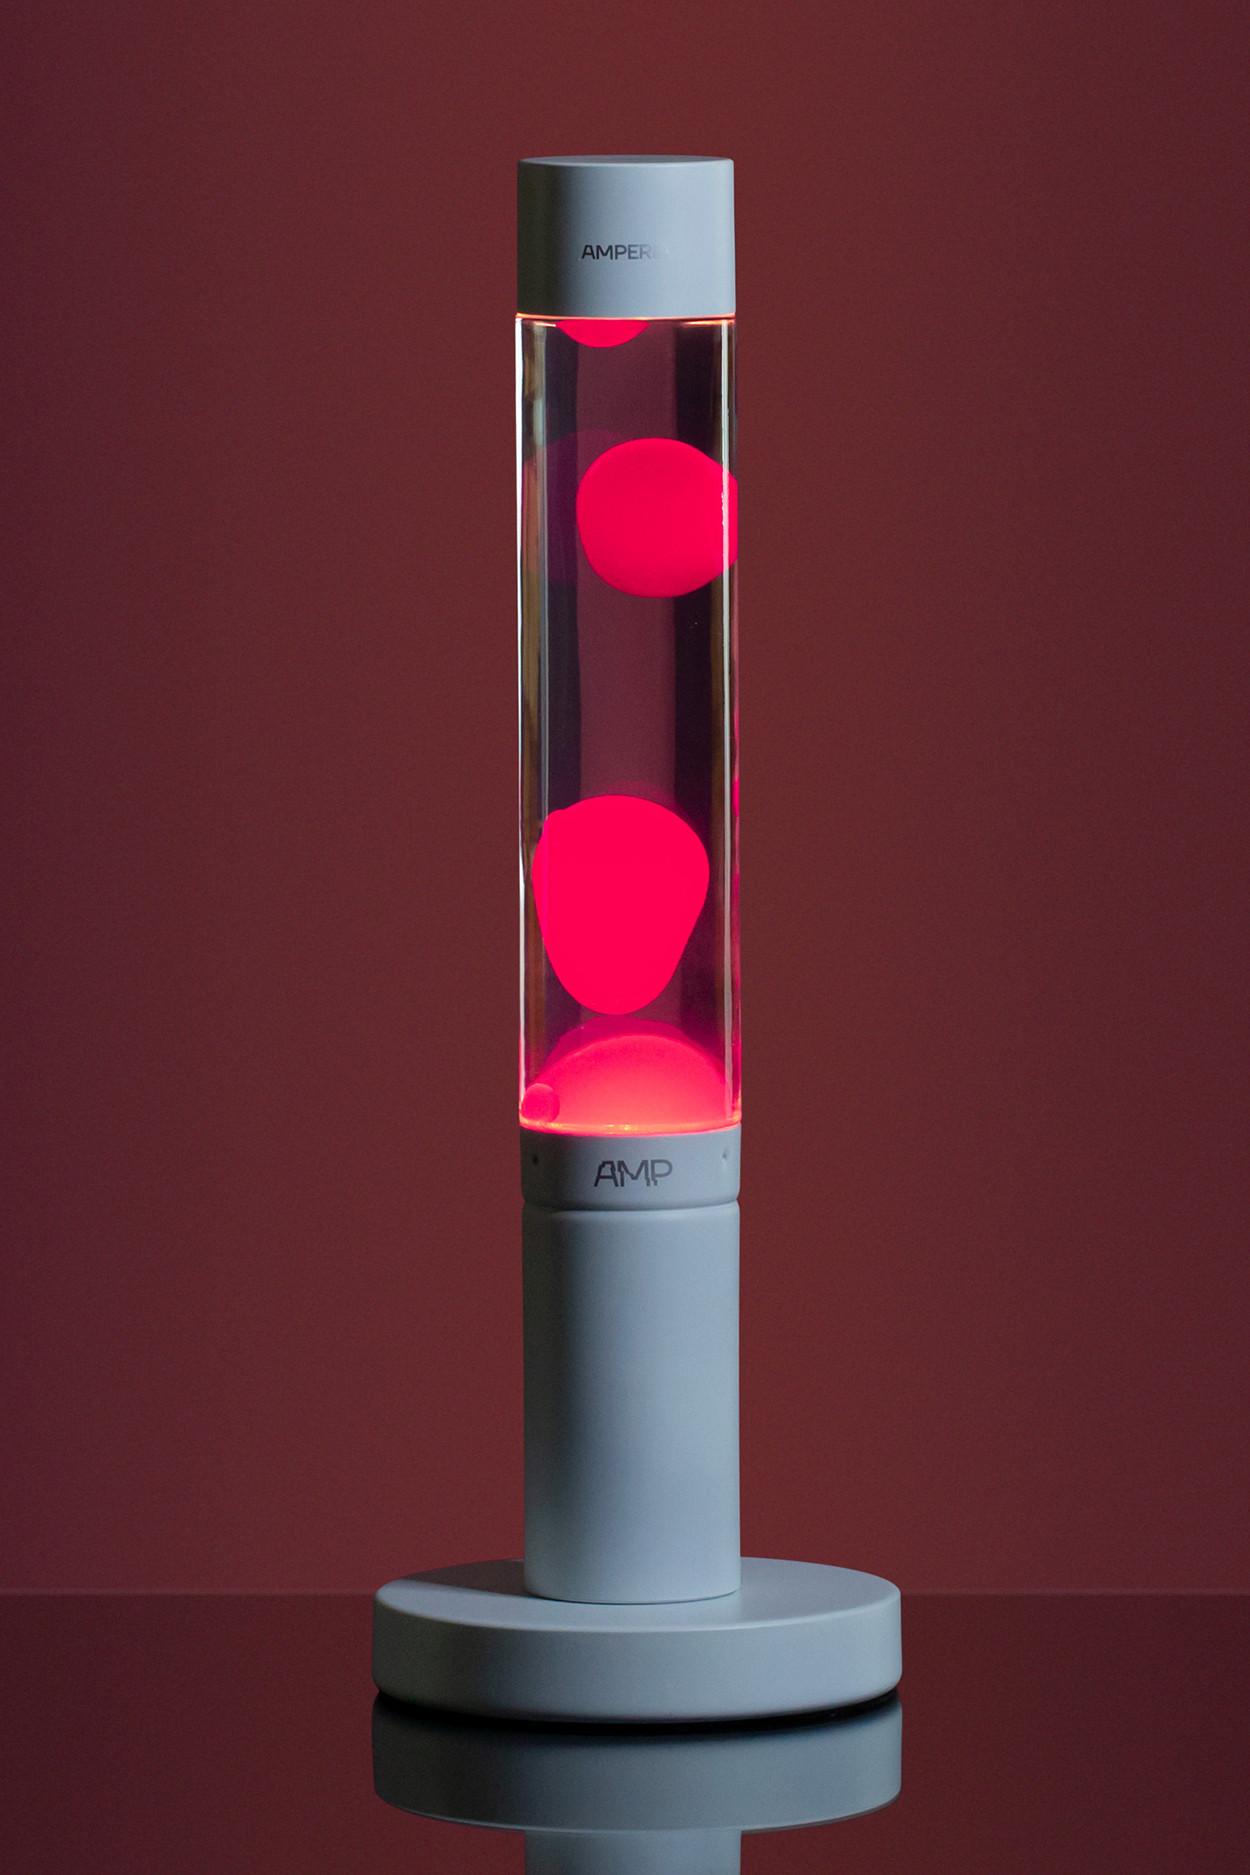 Лава лампа Amperia Slim Розовая/Прозрачная (39 см)